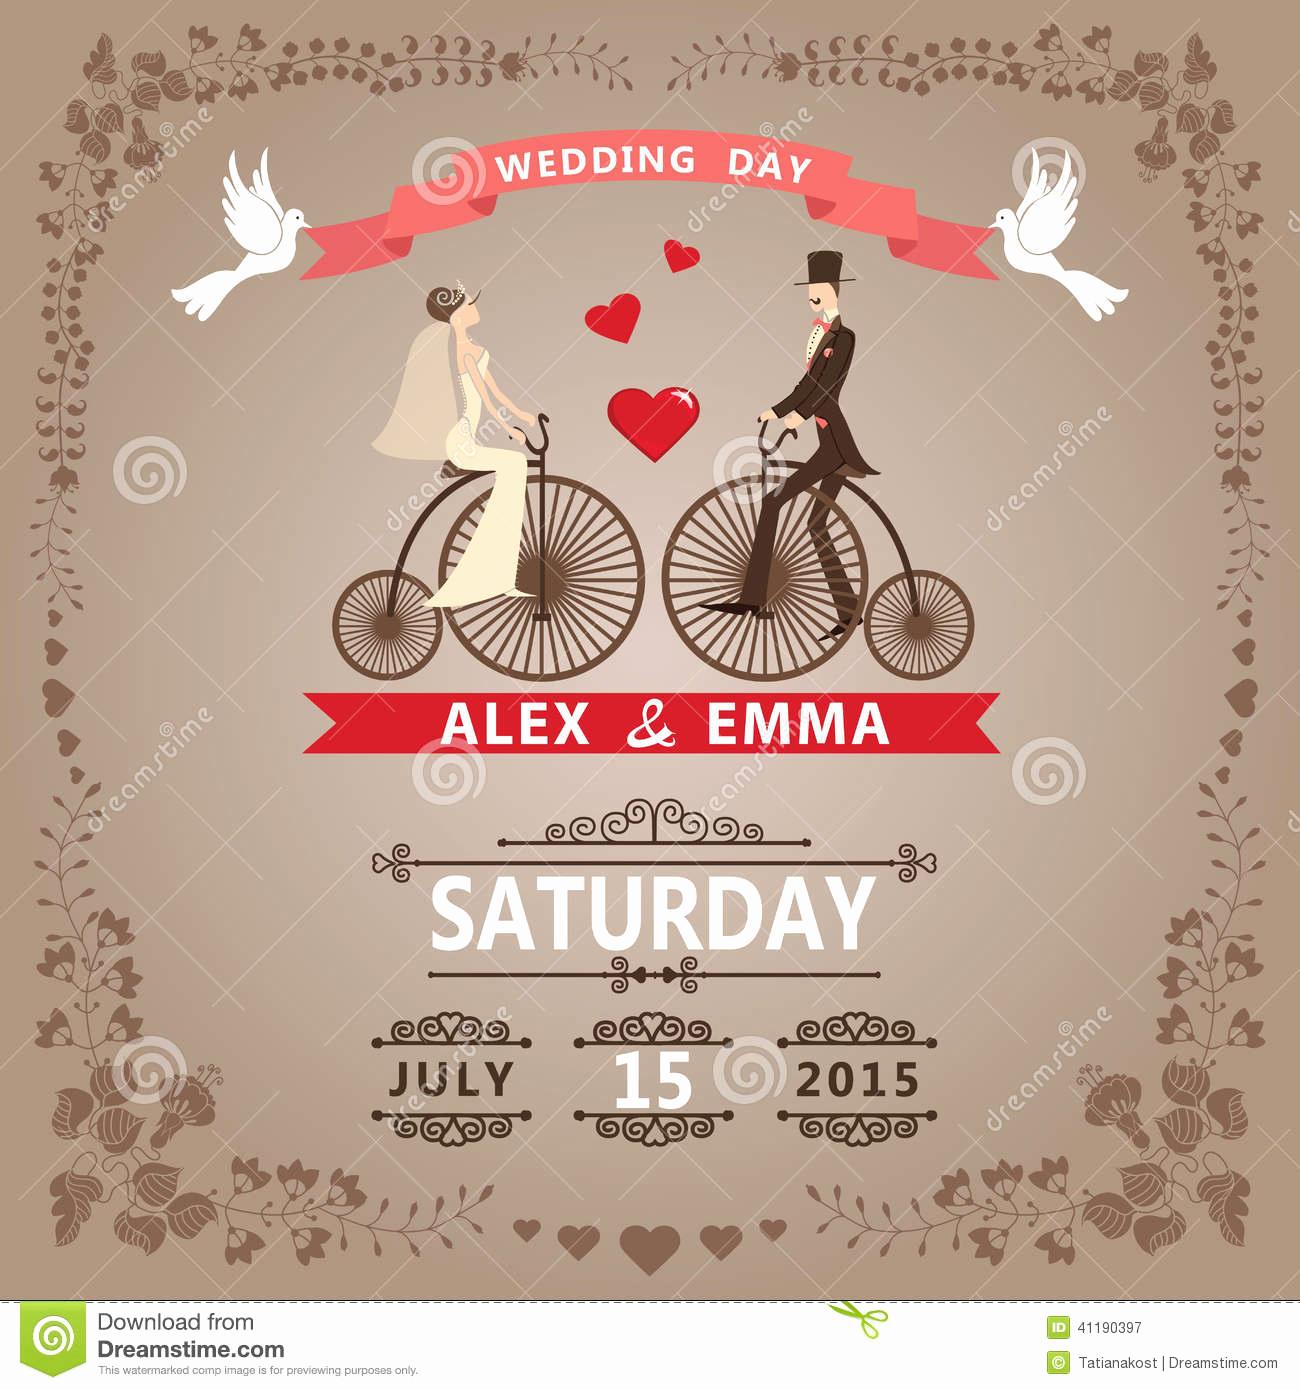 Free Vintage Wedding Invitation Templates Elegant Vintage Style Wedding Invitation Templates